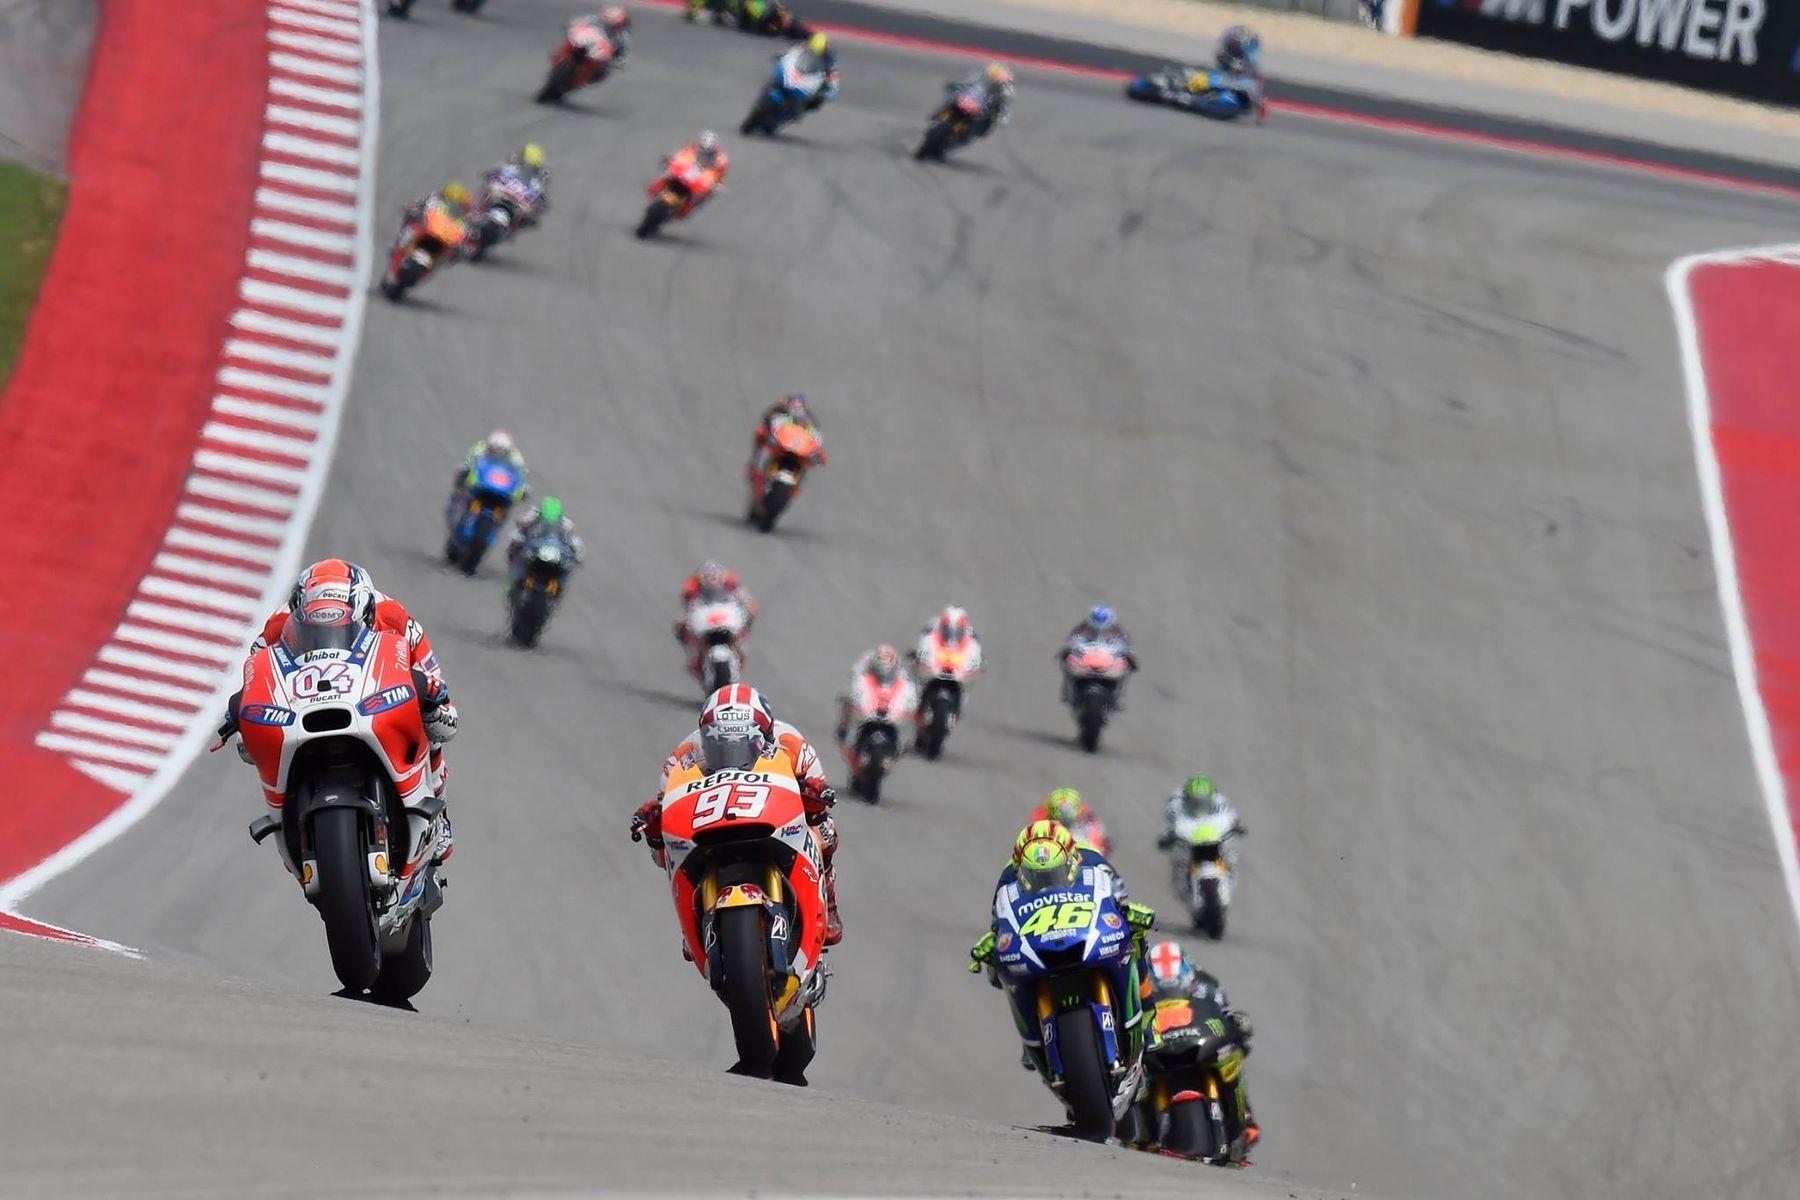 2015 Ducati  | 2015 Ducati MotoGP Season